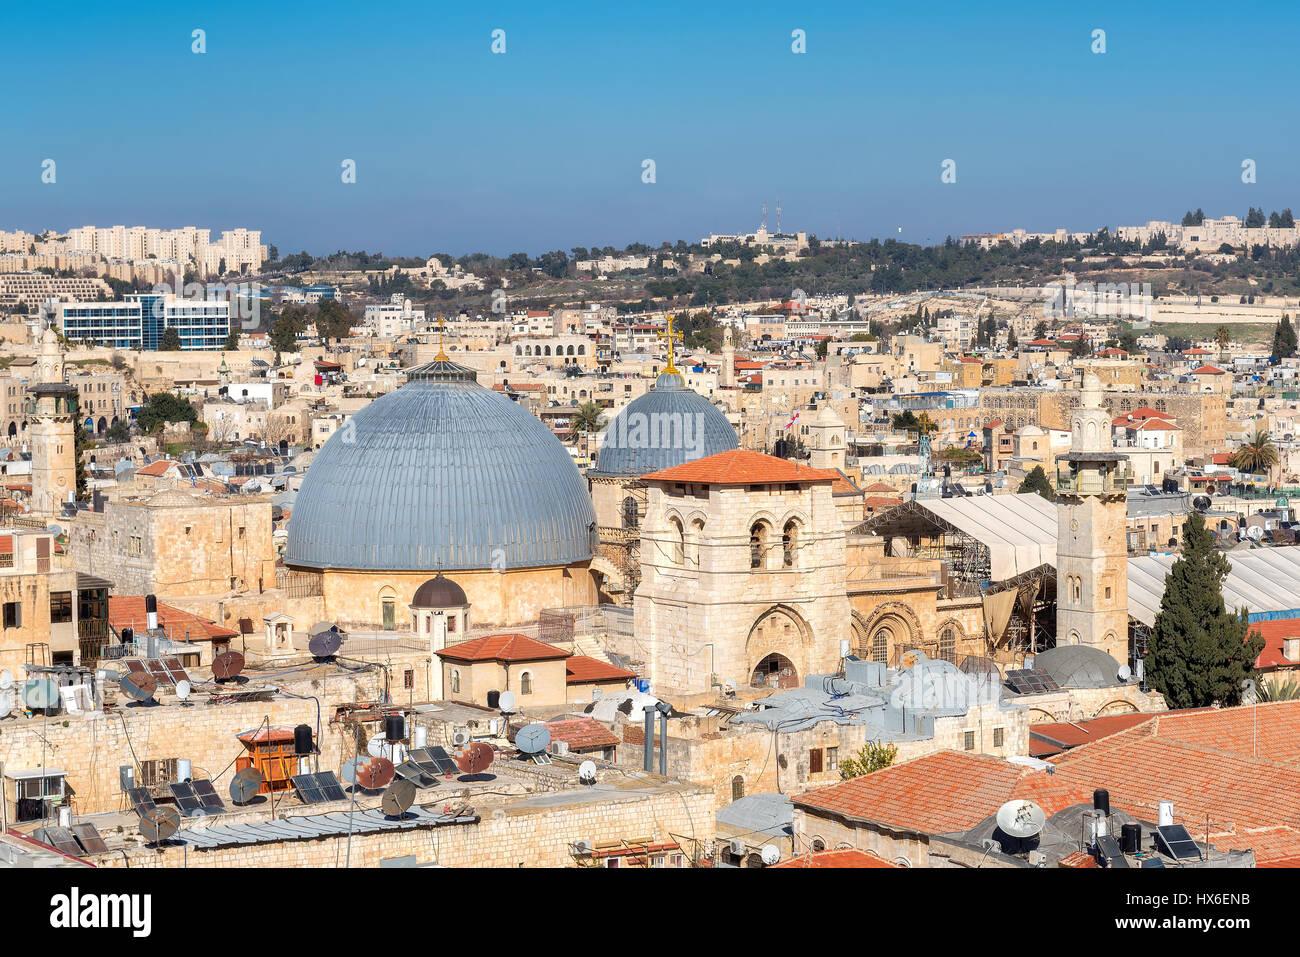 La Ciudad Vieja de Jerusalén y la iglesia del Santo Sepulcro, en Jerusalén, Israel. Imagen De Stock